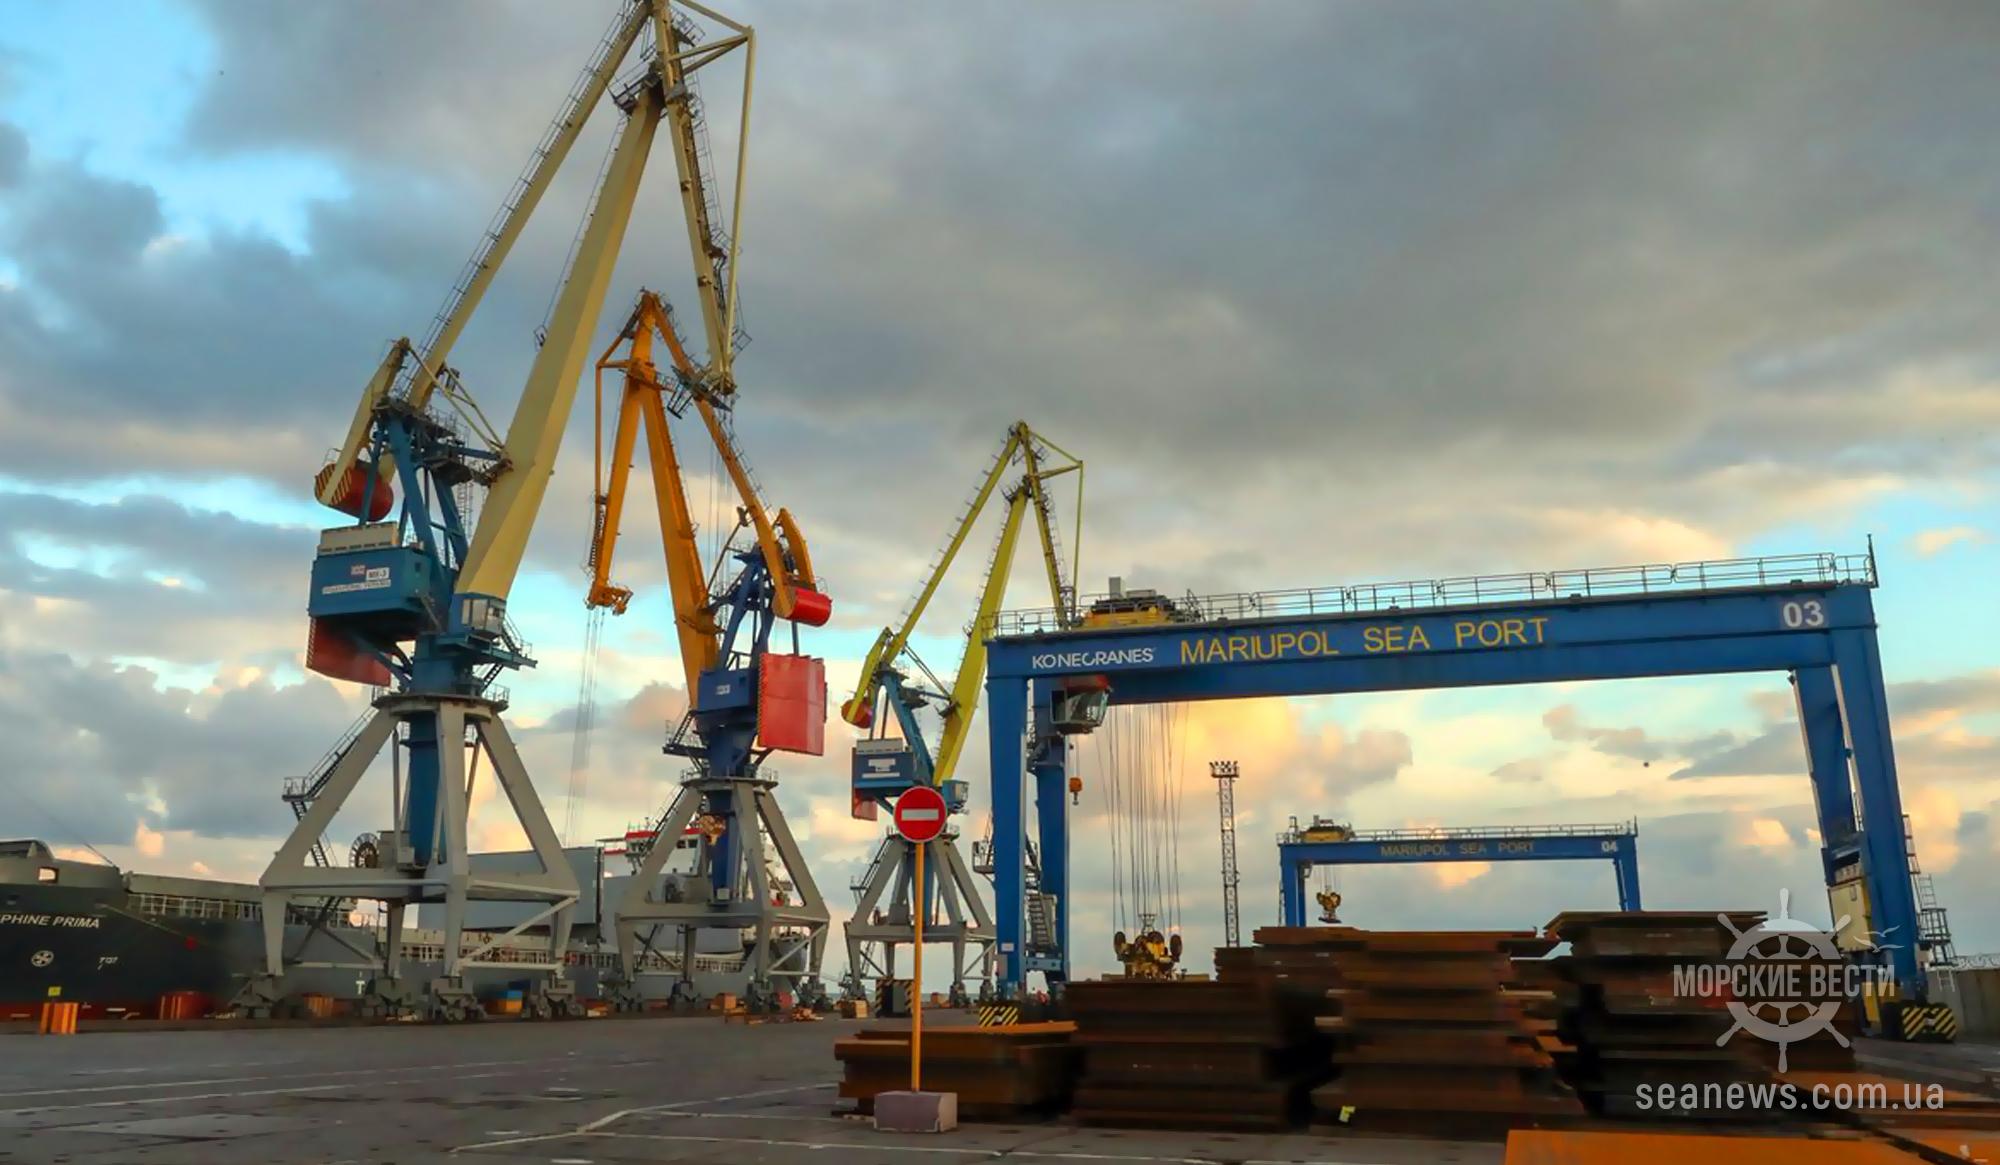 Мариупольский порт стал вторым по объему перевалки черных металлов